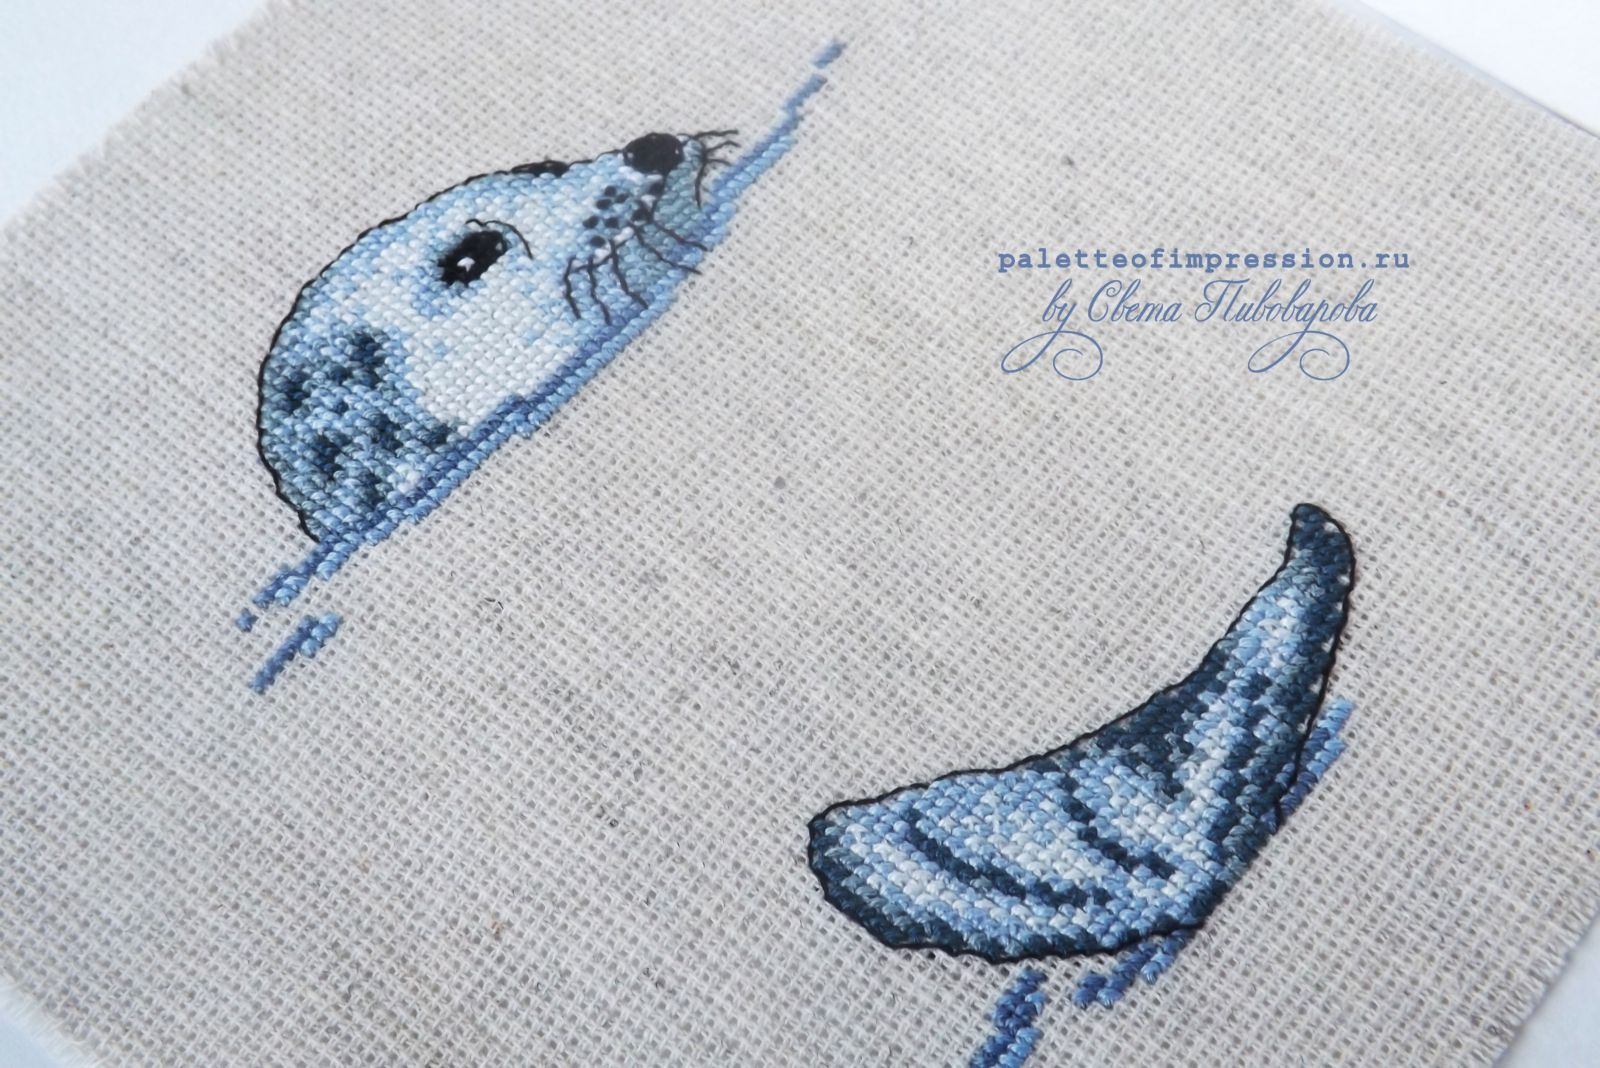 Тюлень от RICO design. Вышивка крестом. Блог Вся палитра впечатлений. Проект: рабочее место.